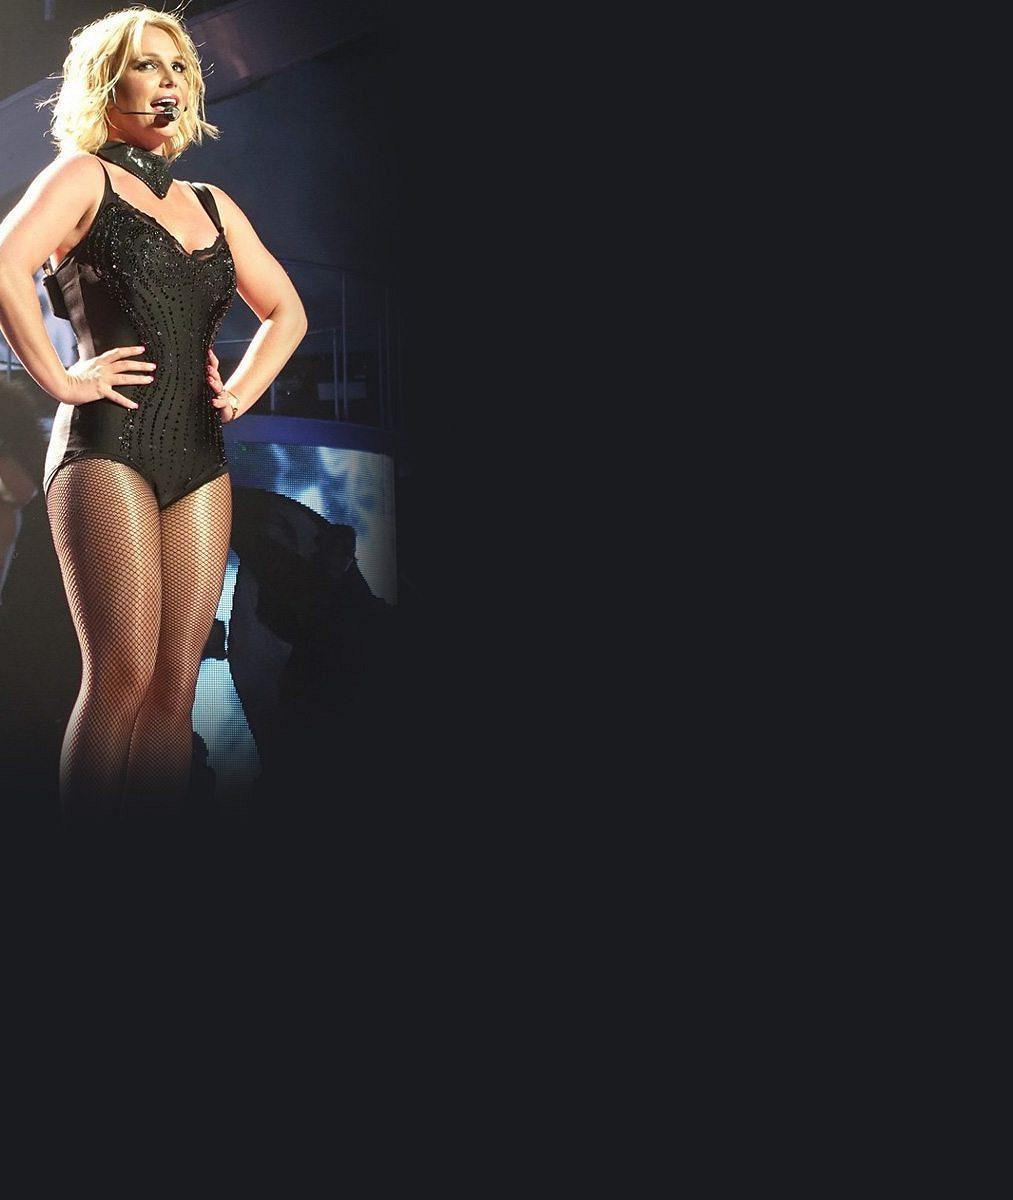 Videoklip vs. realita při natáčení? Faldy Britney Spears jsou zázračně fuč!